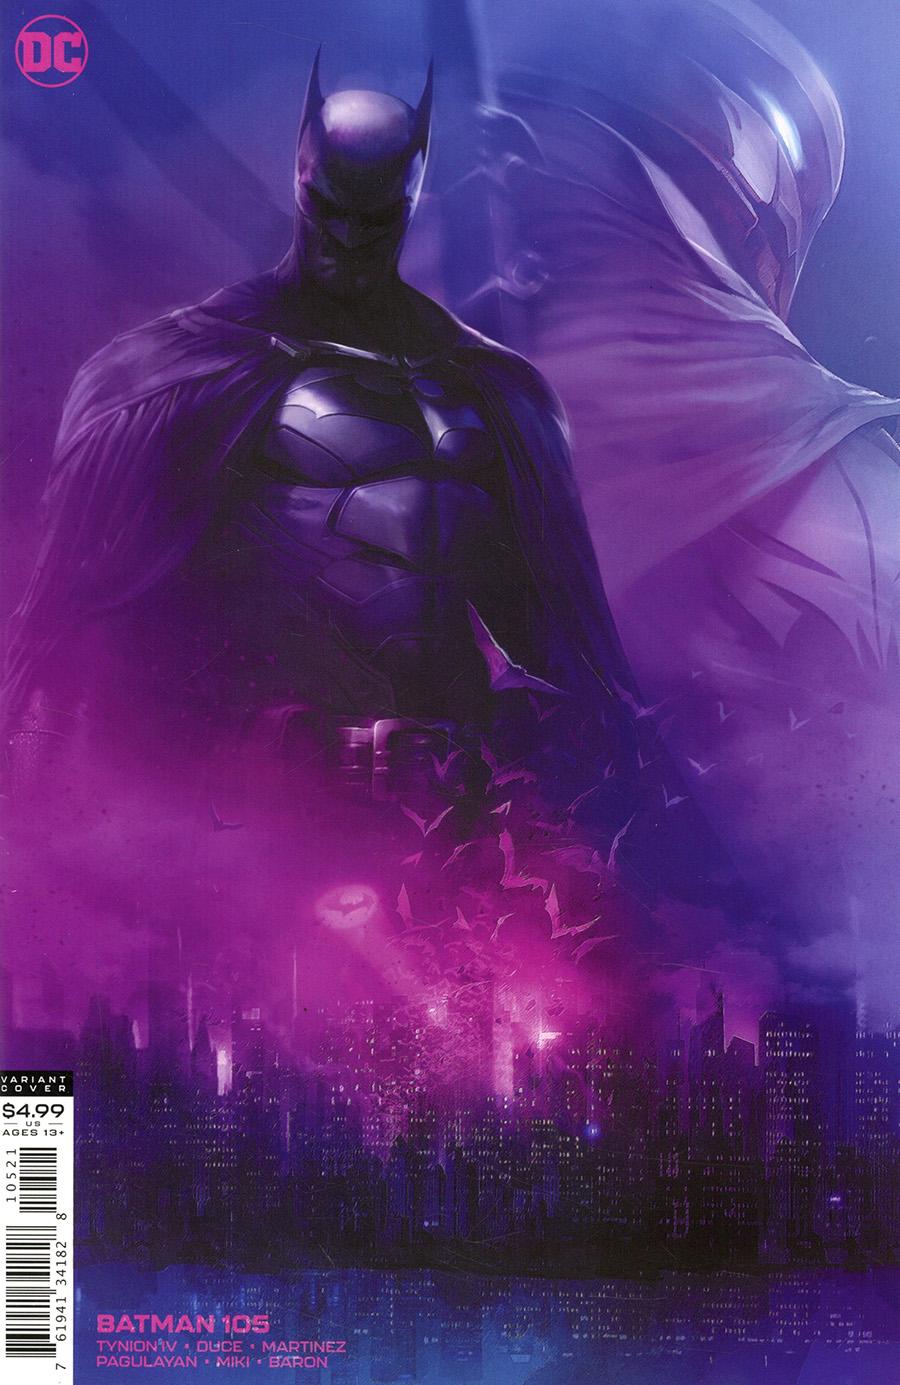 Batman Vol 3 #105 Cover B Variant Francesco Mattina Card Stock Cover